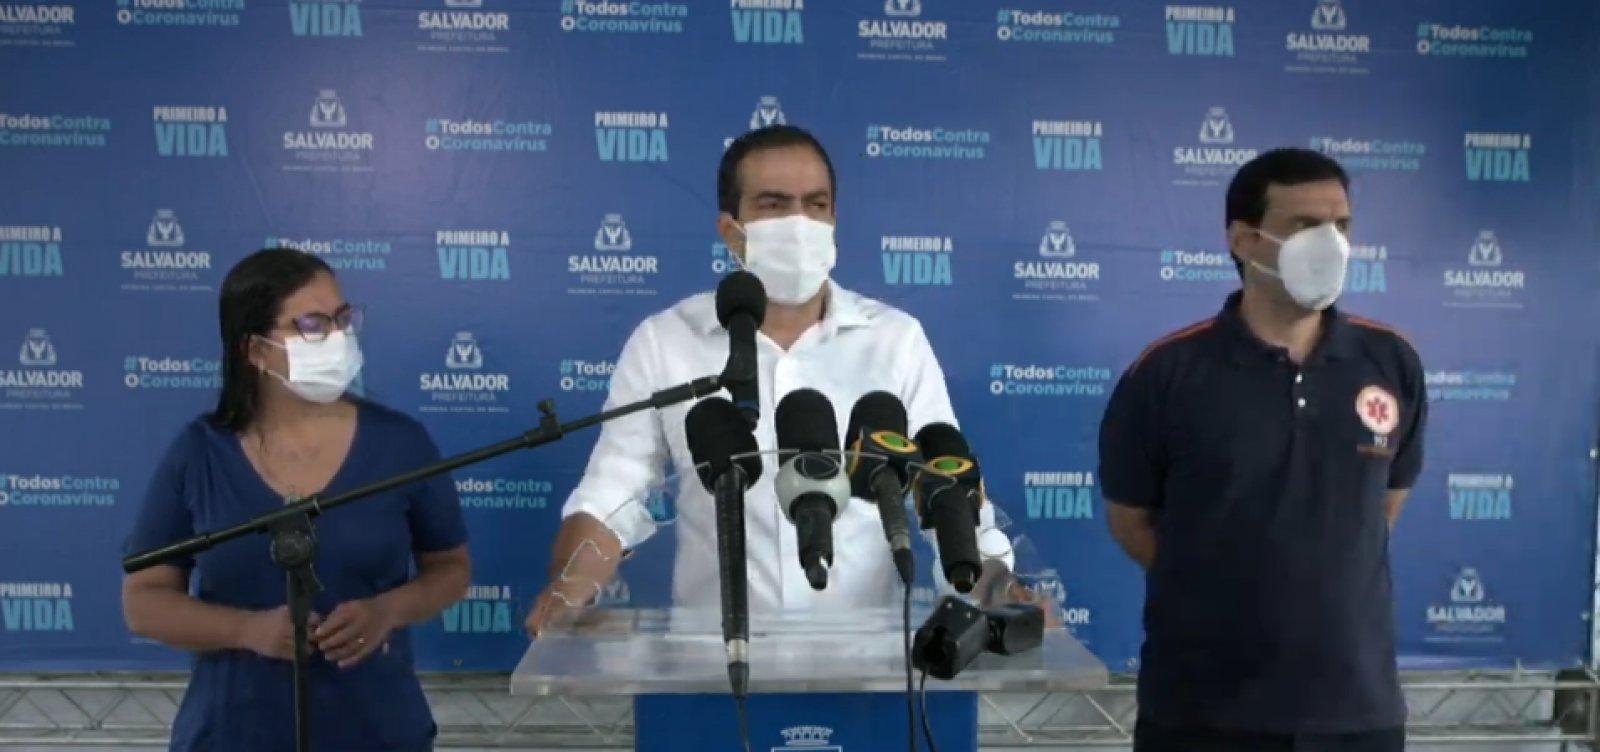 [Covid-19: prefeito diz não ver necessidade de reabrir hospital de campanha do Wet N' Wild]